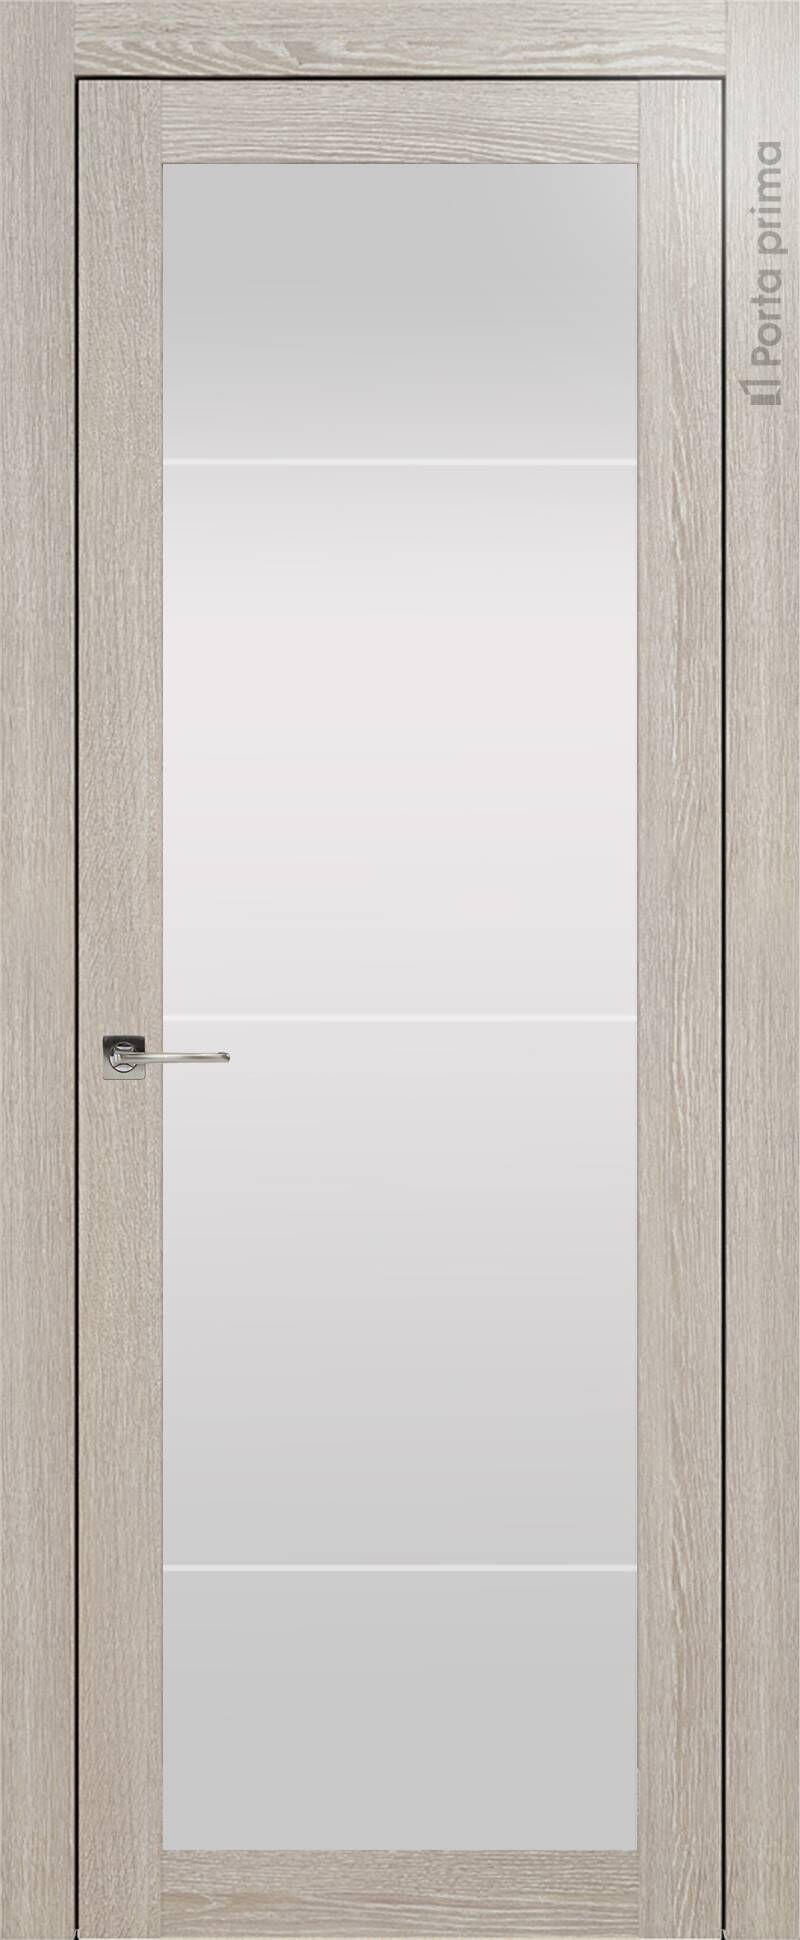 Tivoli З-3 цвет - Серый дуб Со стеклом (ДО)